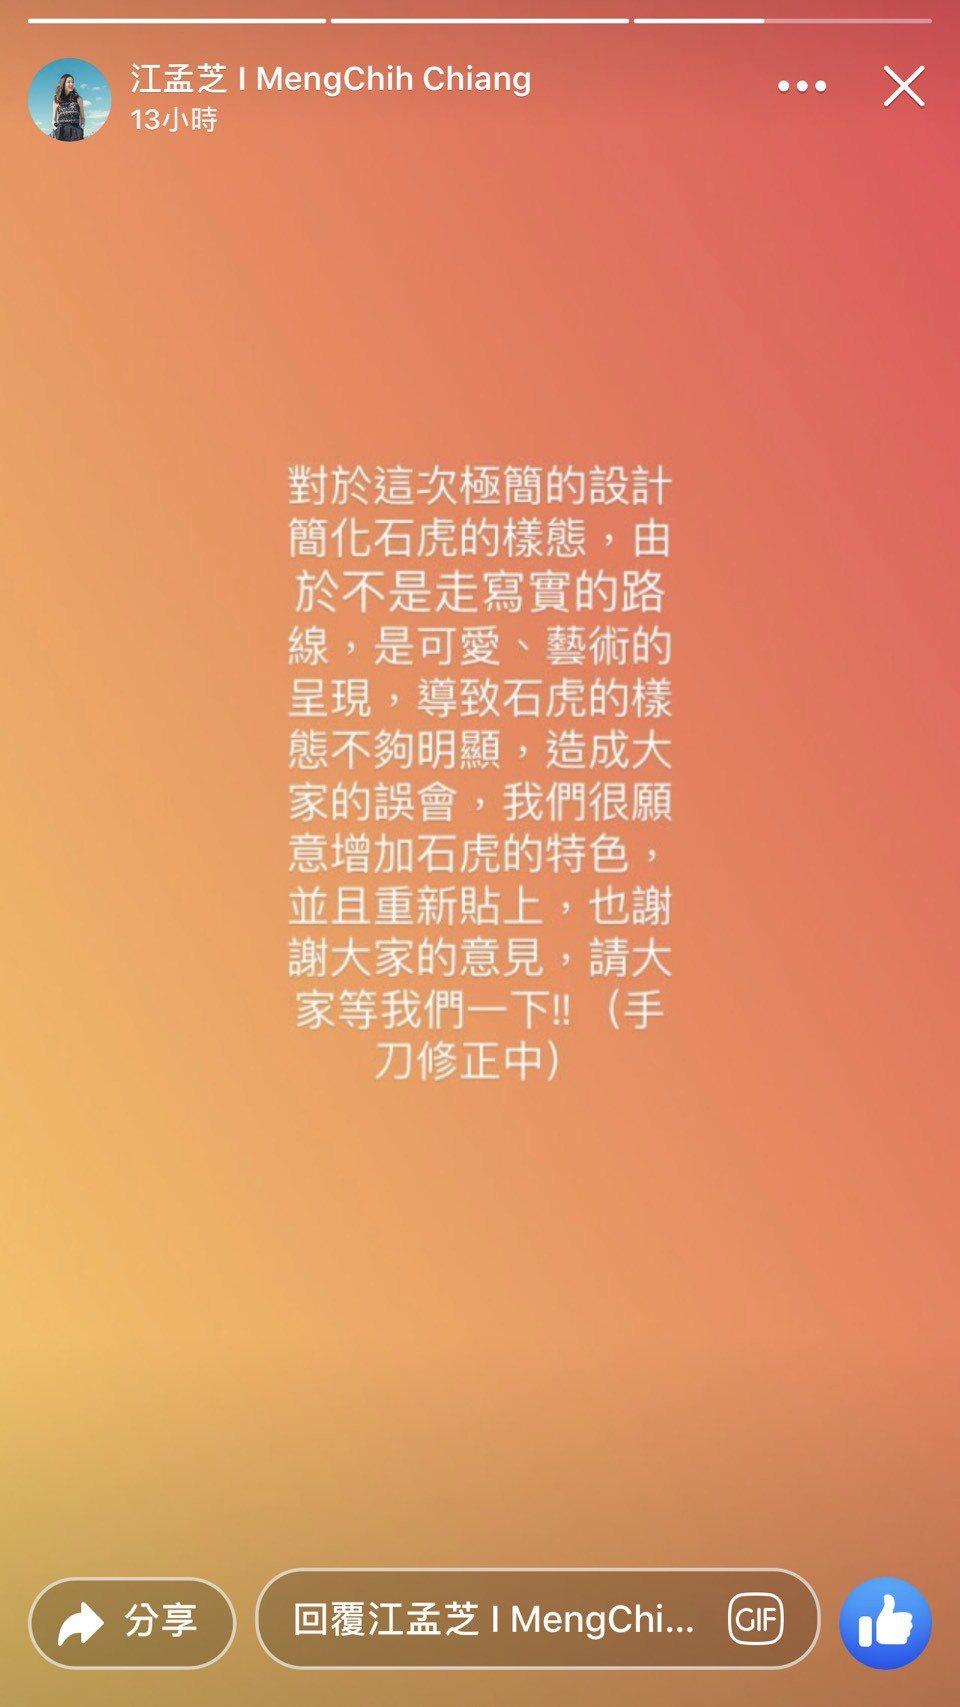 設計師江孟芝在臉書上表示正在修正中。圖/截自臉書粉絲專頁「江孟芝 I MengC...